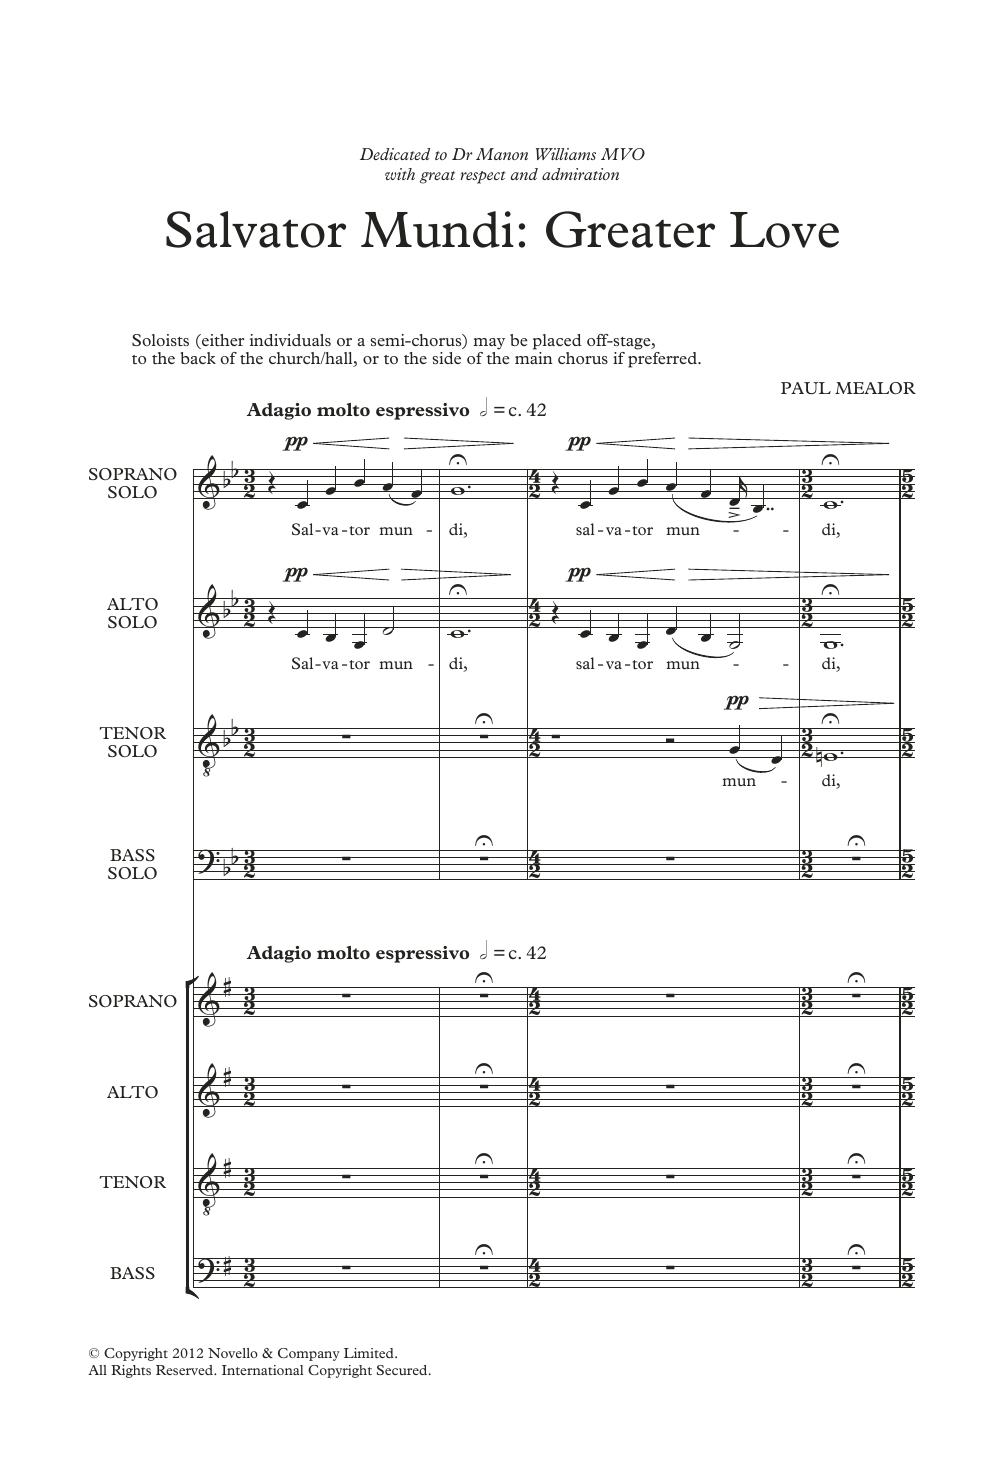 Salvator Mundi: Greater Love Sheet Music